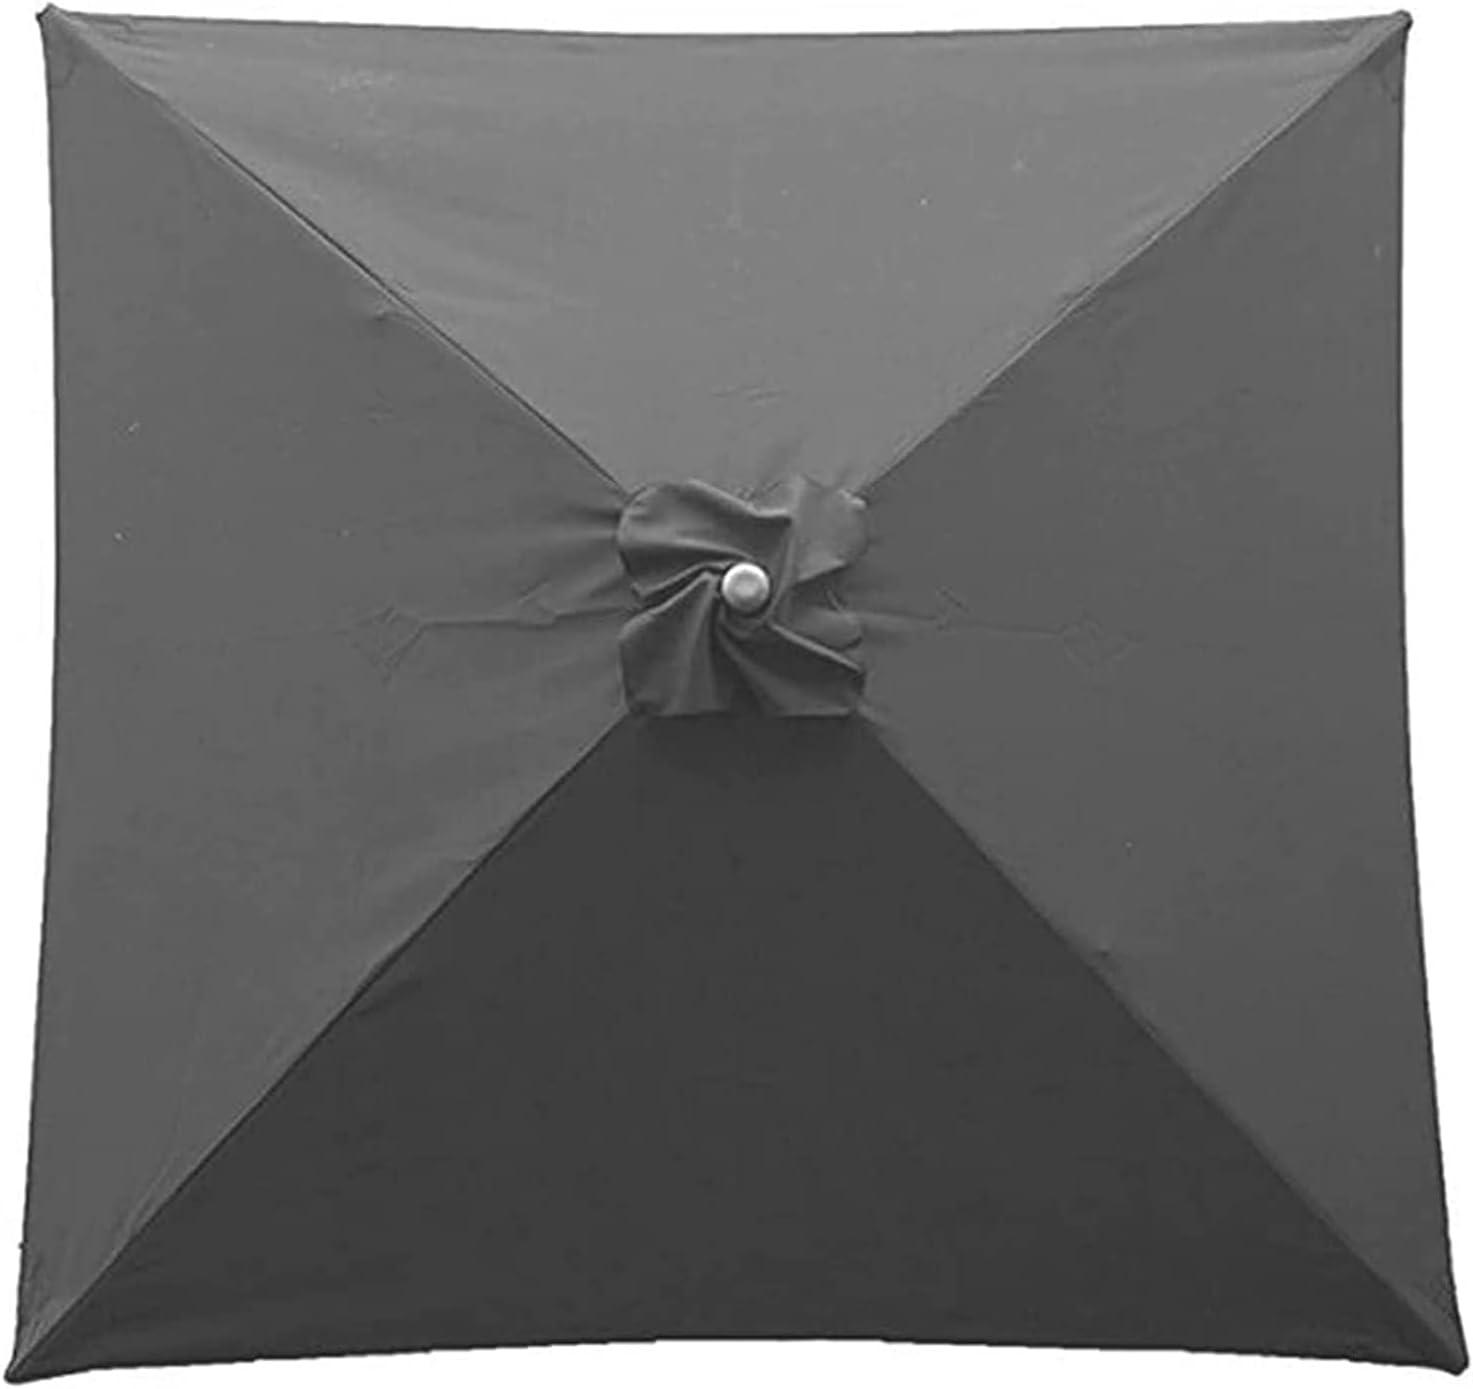 Paño de repuesto para sombrilla Cubierta de dosel de parasol de reemplazo de 2x2m / 4 brazos, cubierta de protección de sombrilla de patio con dosel, toldo de mesa para patio de jardín Piscina de pati